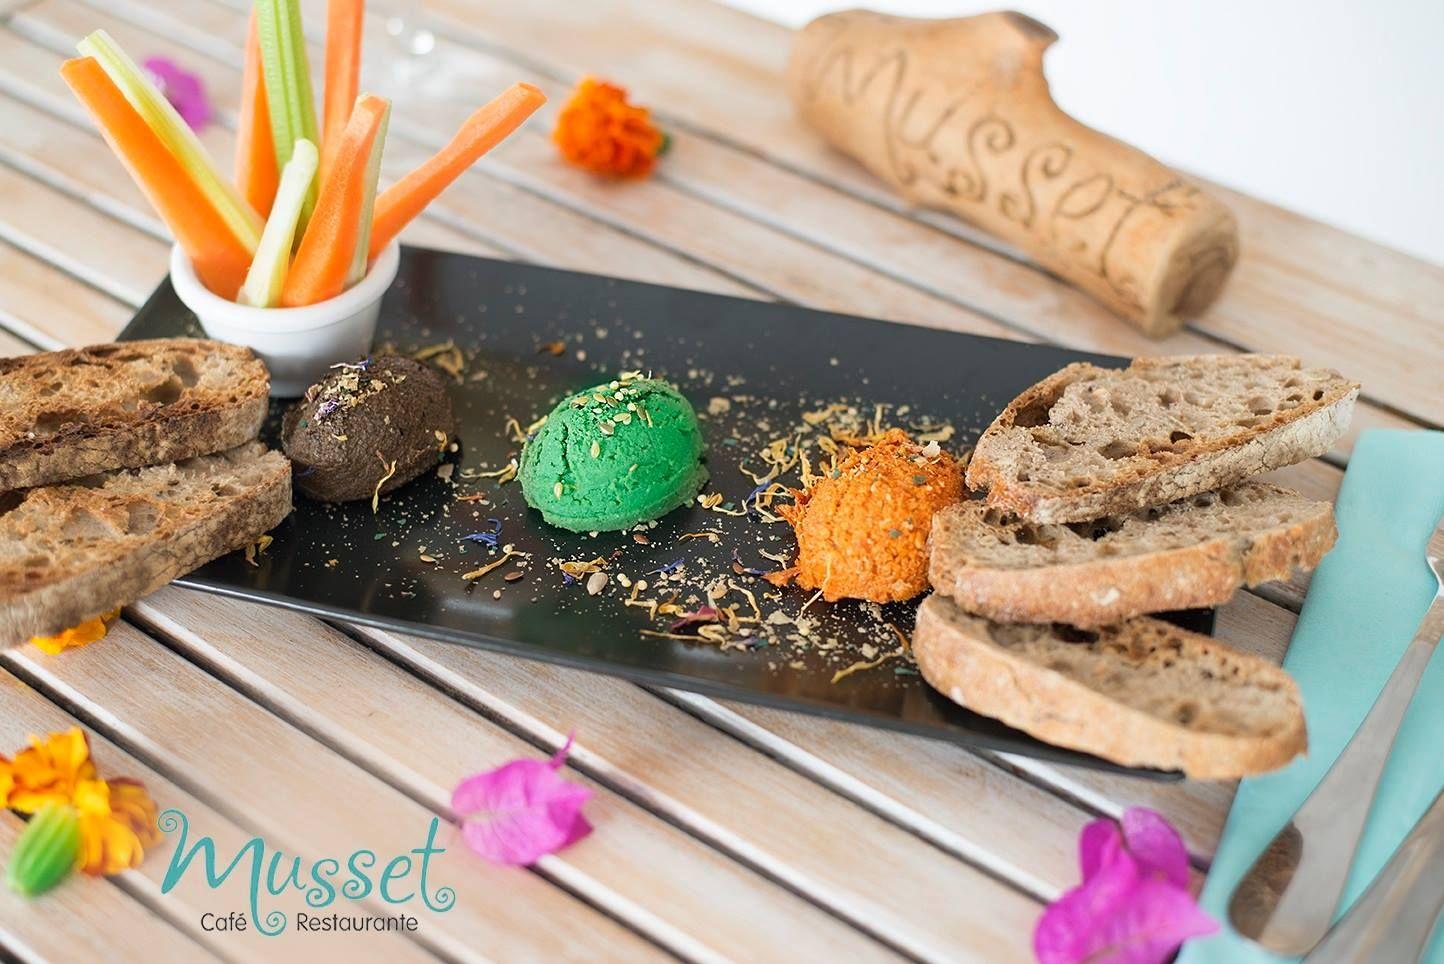 Foto 12 de Cocina internacional en  | Musset Café